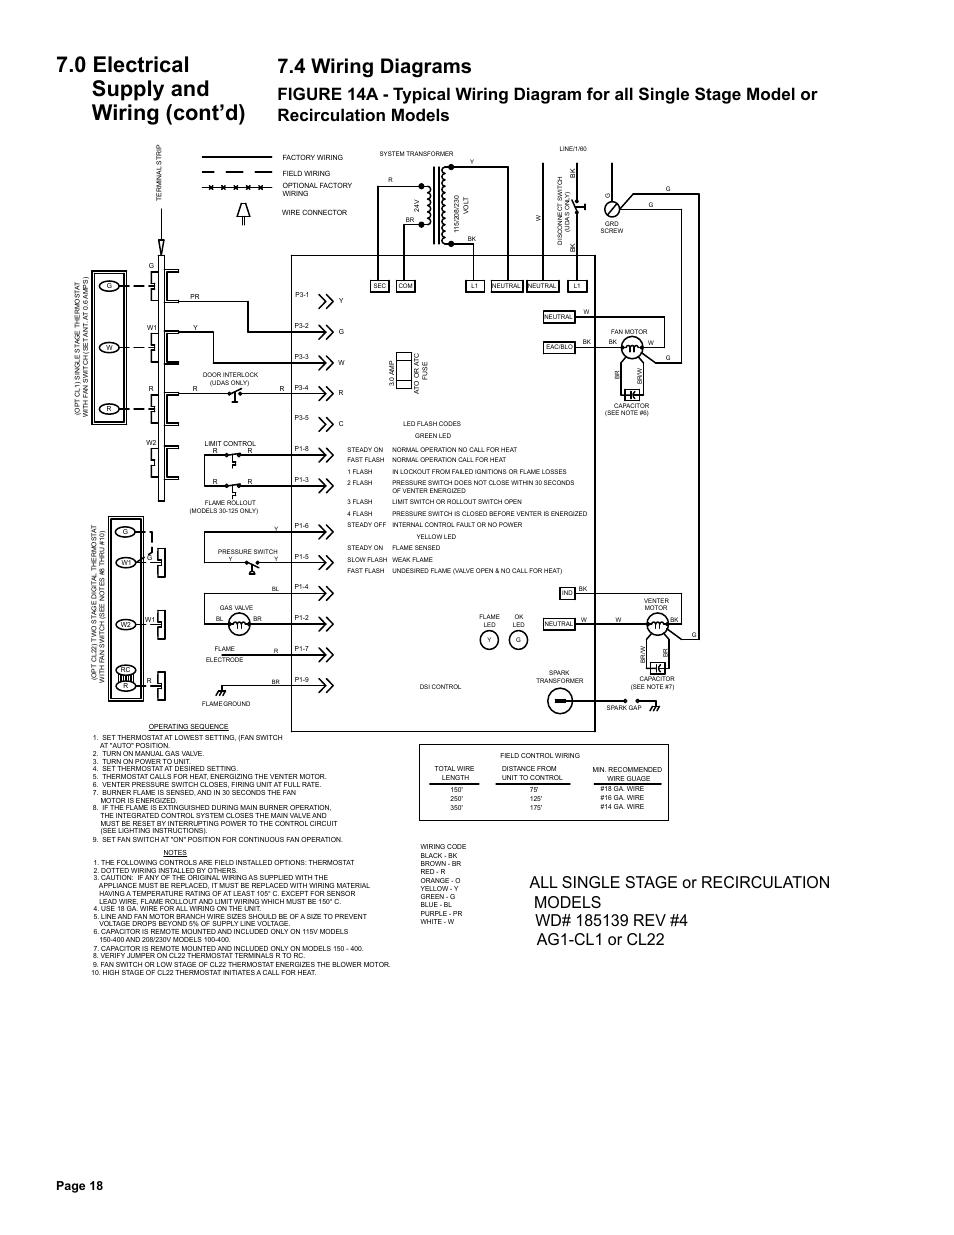 Erfreut Verdrahtungsschema Für 3 Leiter Thermostat Galerie ...